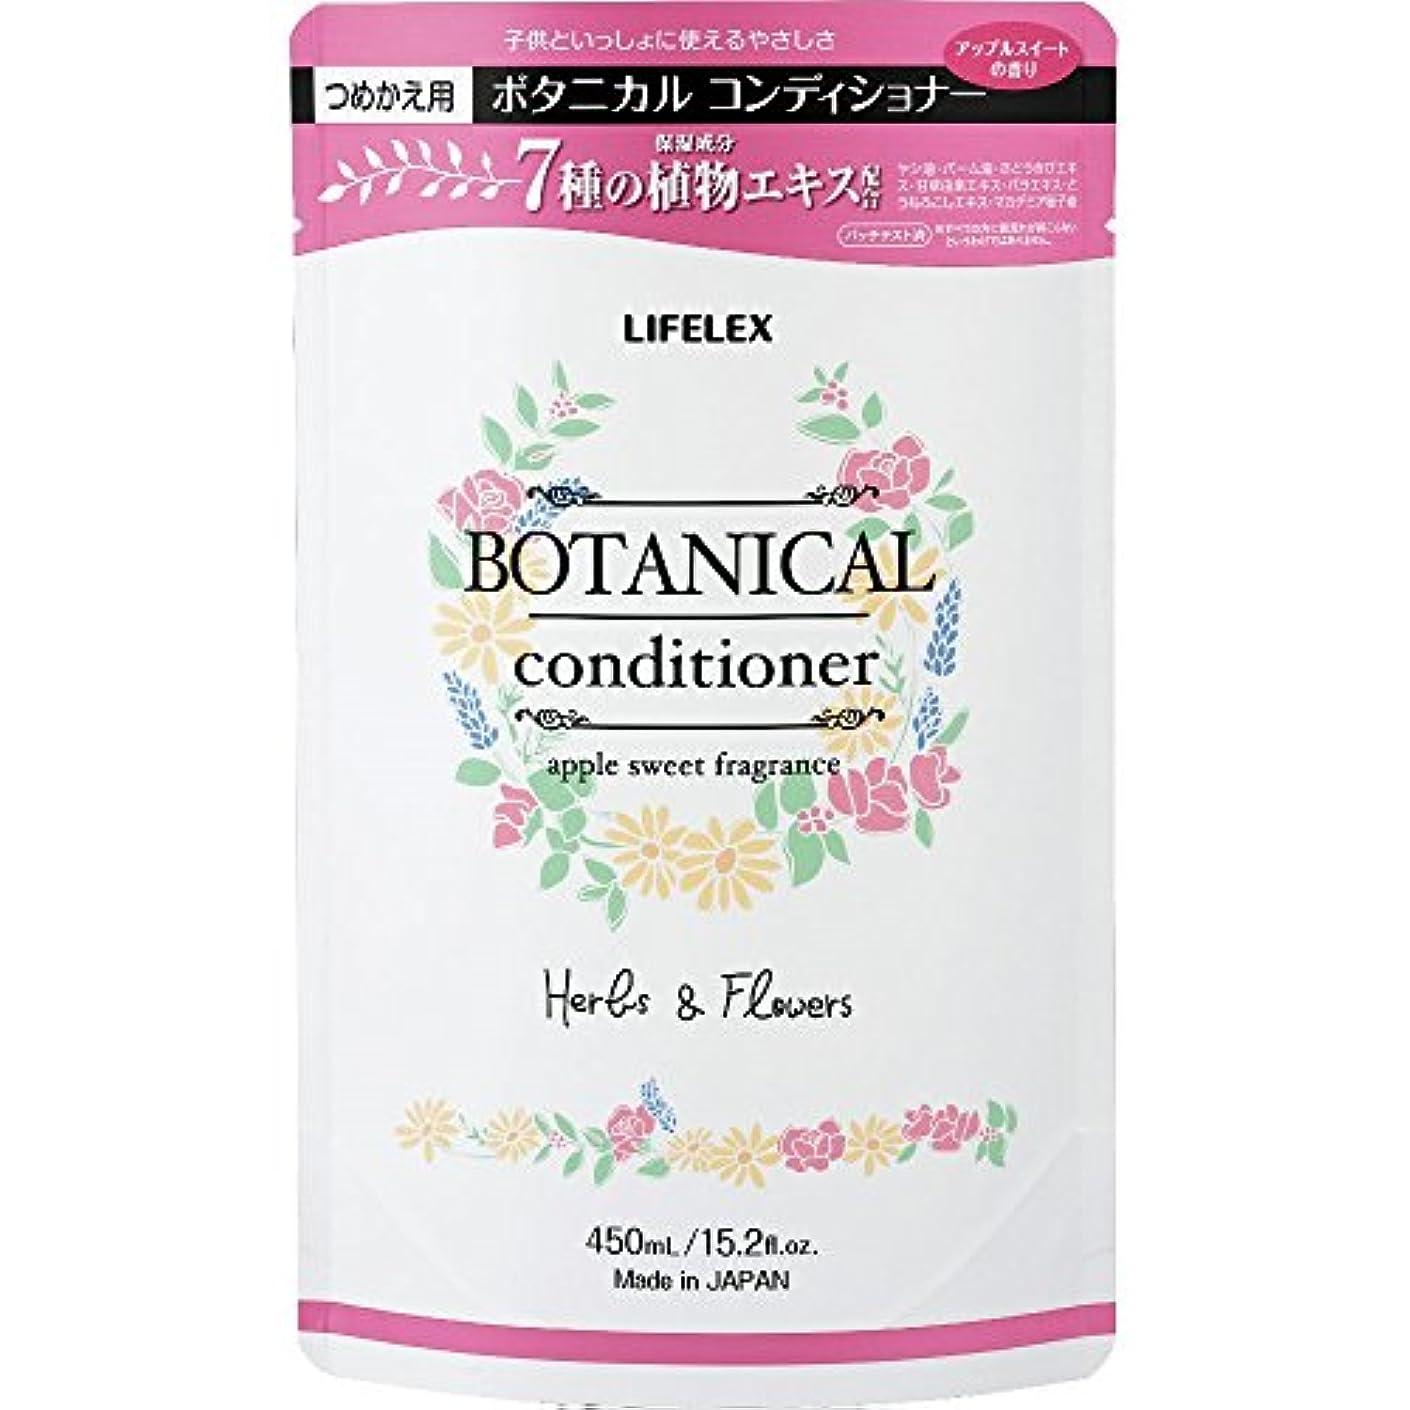 体クマノミ公平なコーナン オリジナル LIFELEX ボタニカル コンディショナー アップルスイートの香り 詰め替え